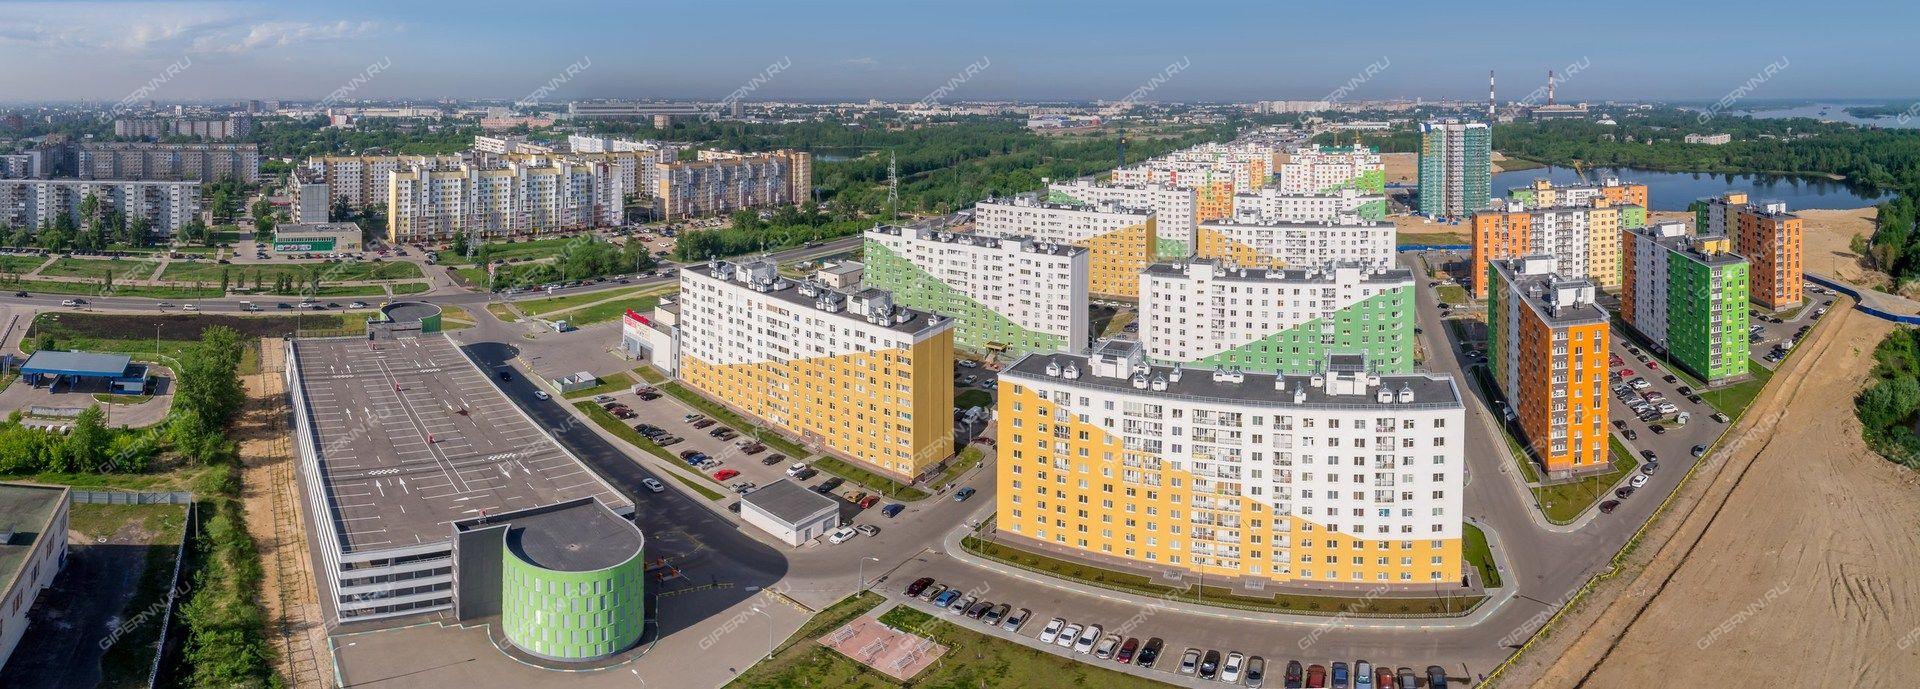 Коммерческая недвижимость н новгород продажа в новостройках сайт поиска помещений под офис Профсоюзная